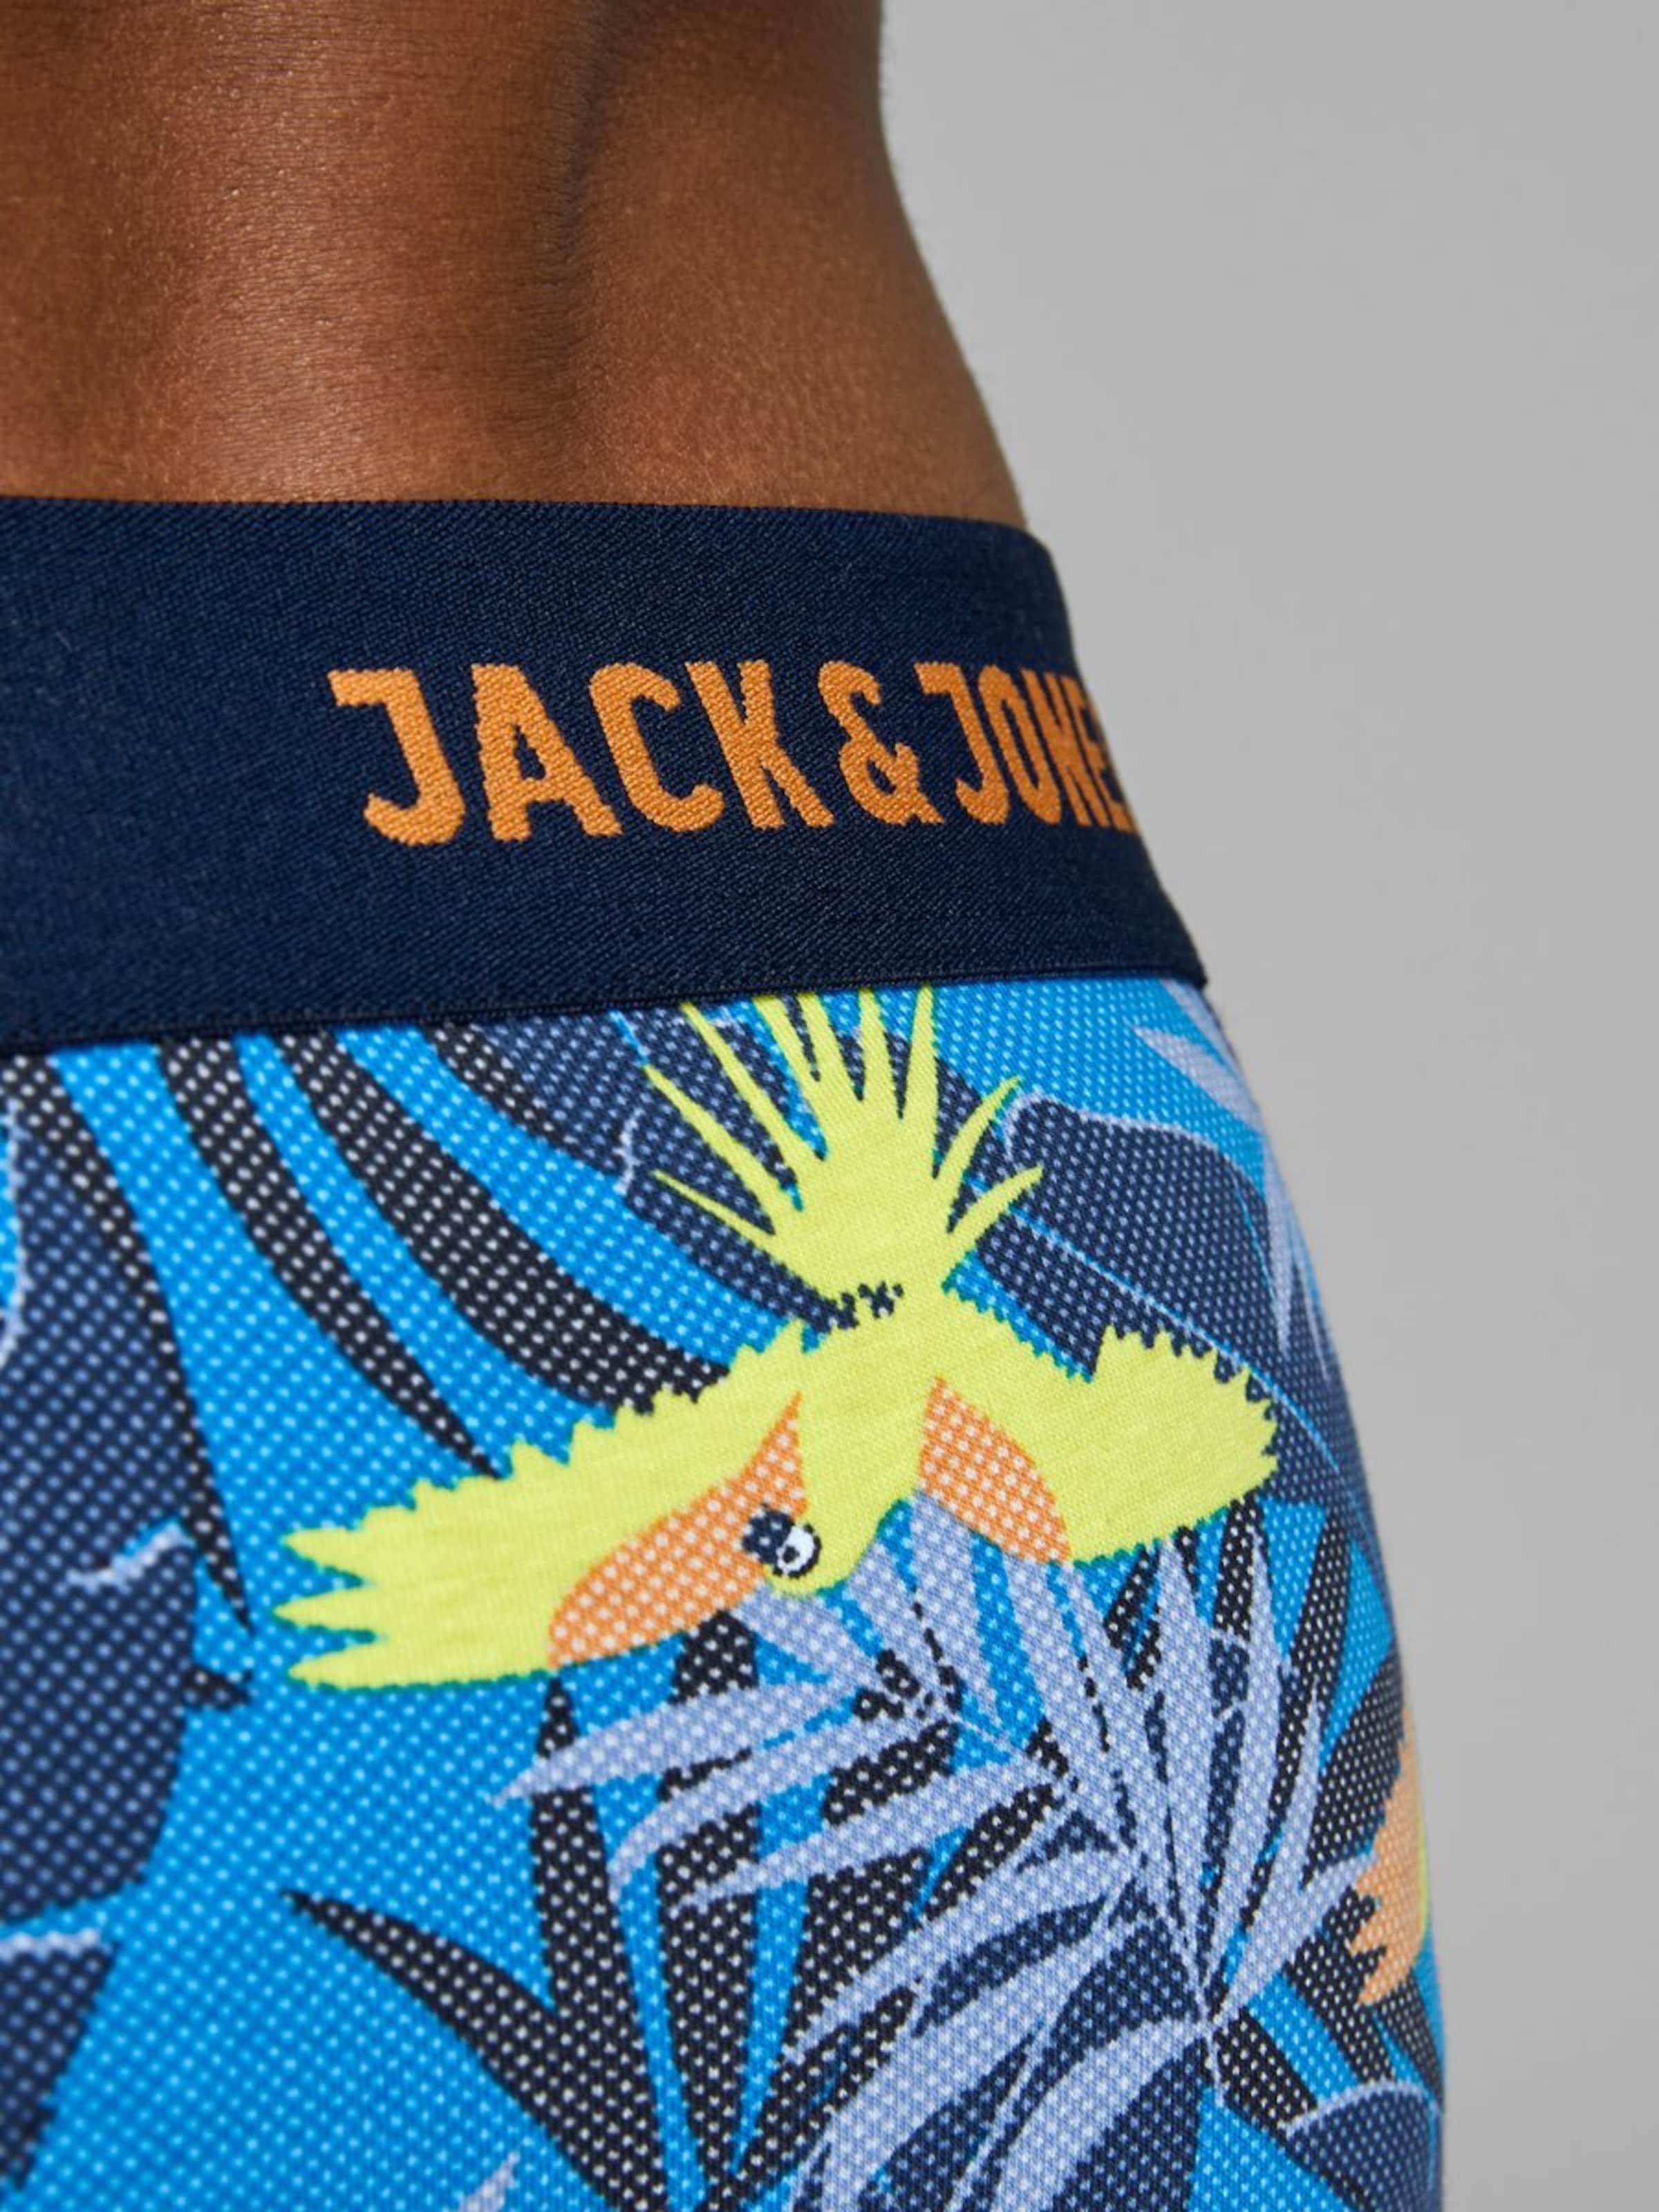 Jones Jackamp; En BleuMarine Boxers Turquoise n0v8mNwO